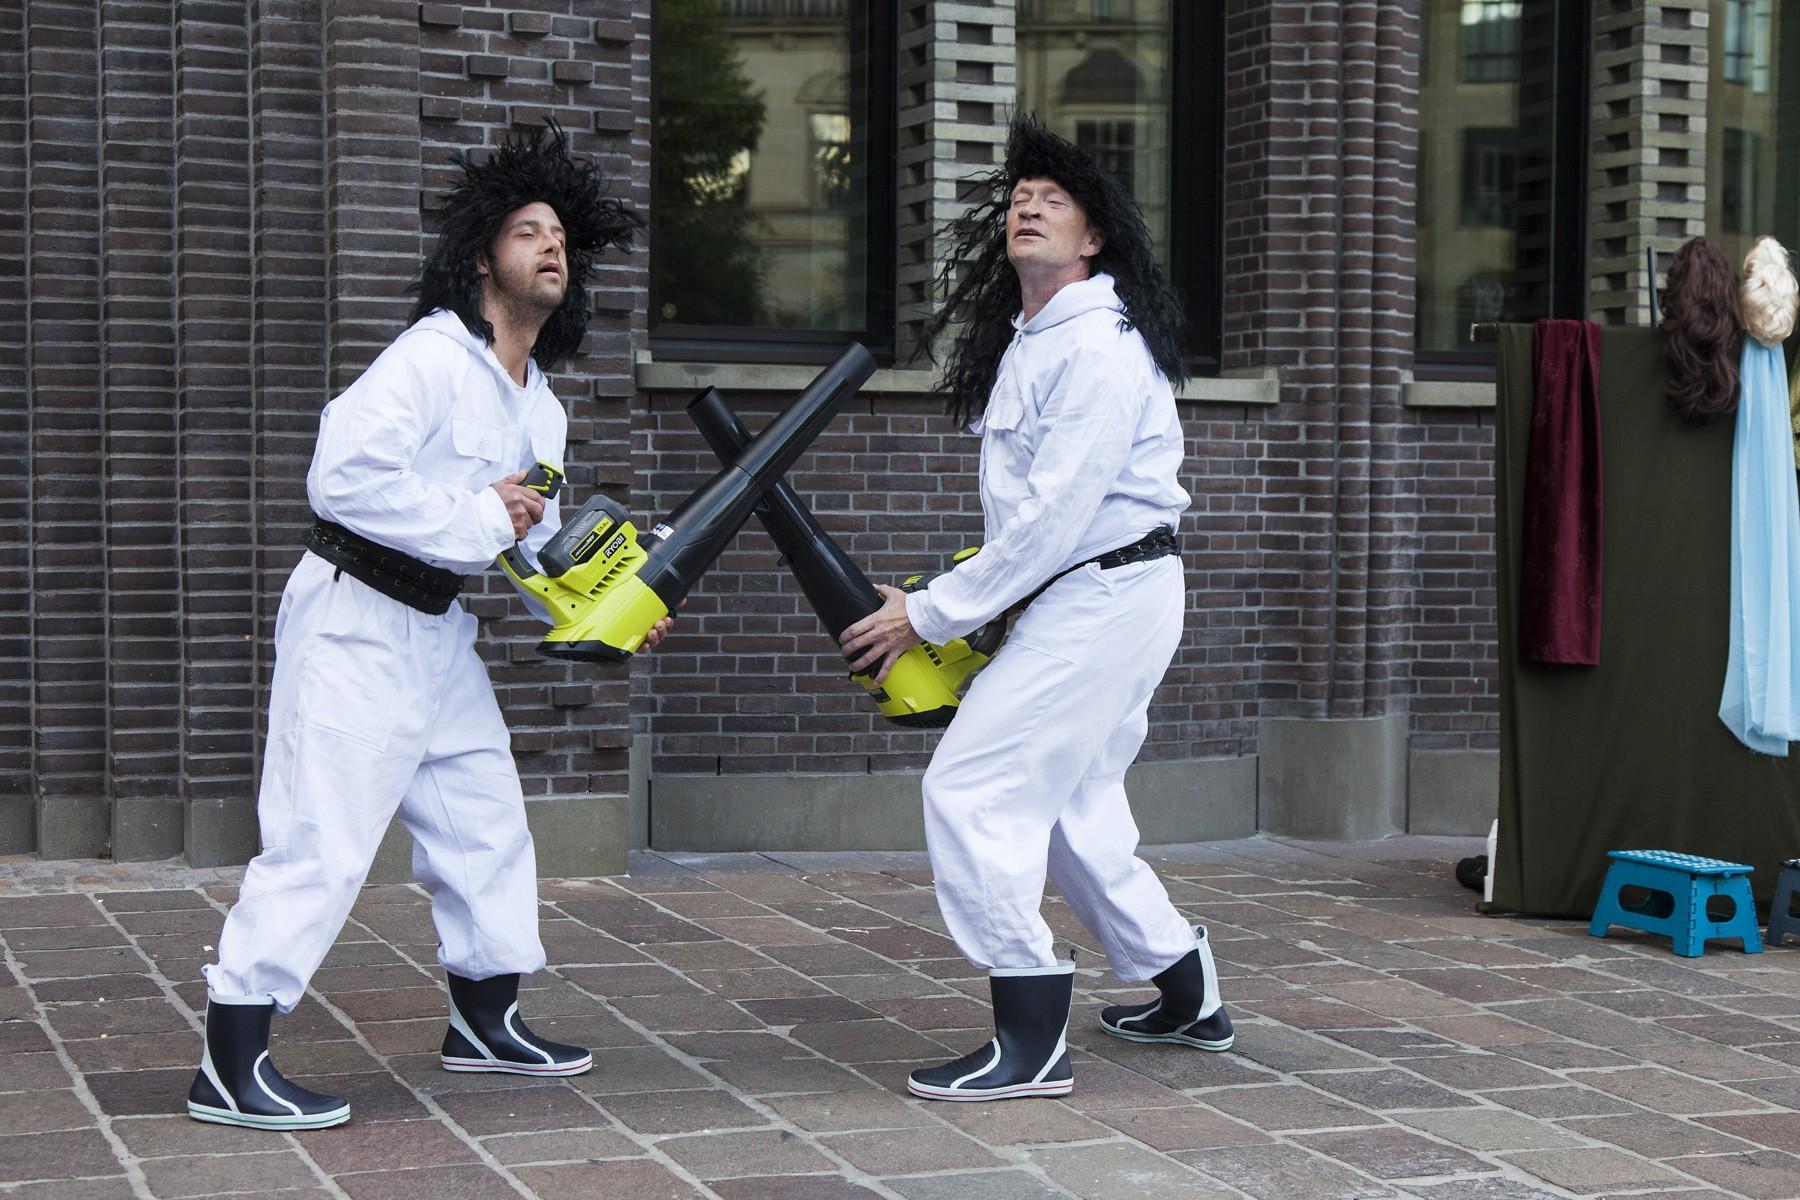 Zwei Männer mit Laubbläsern und Wind im Gesicht. Der Wind ist schön.